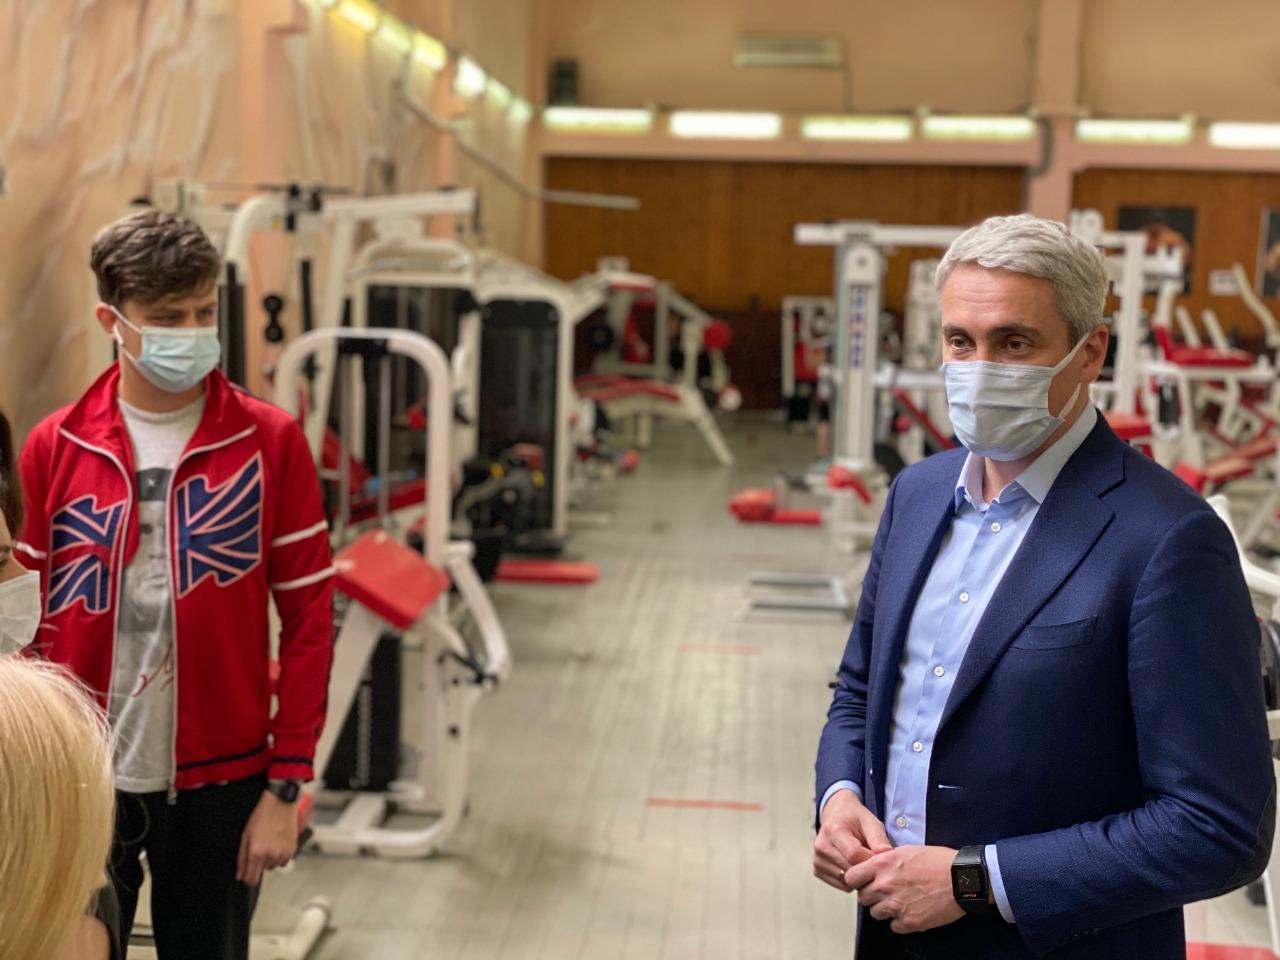 Нифантьев предложил повысить стипендию до 18 тысяч рублей